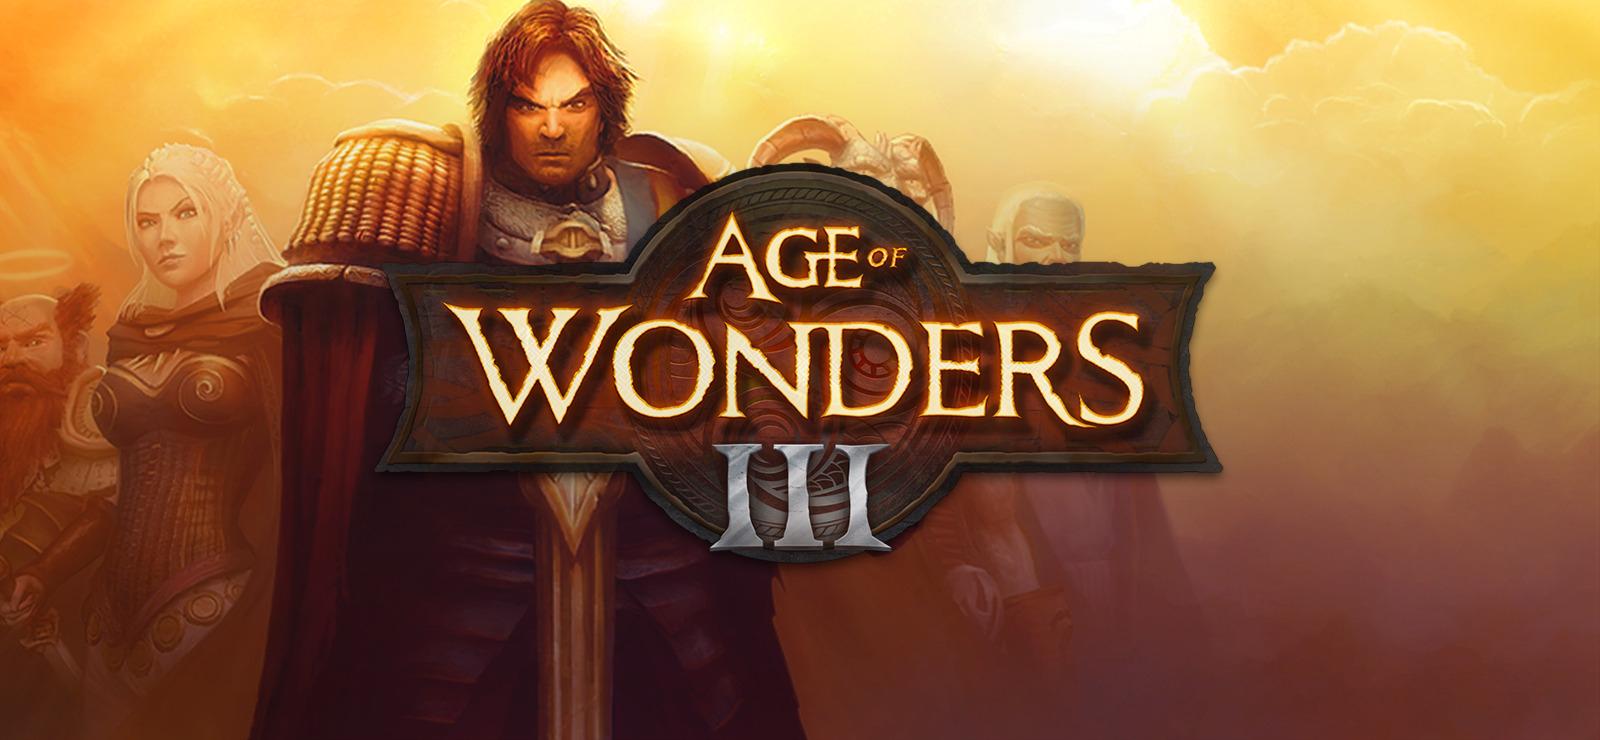 Sélection de jeux Age of Wonders sur PC en promotion {Dématérialisé - sans DRM} - Ex : Age of Wonders 3